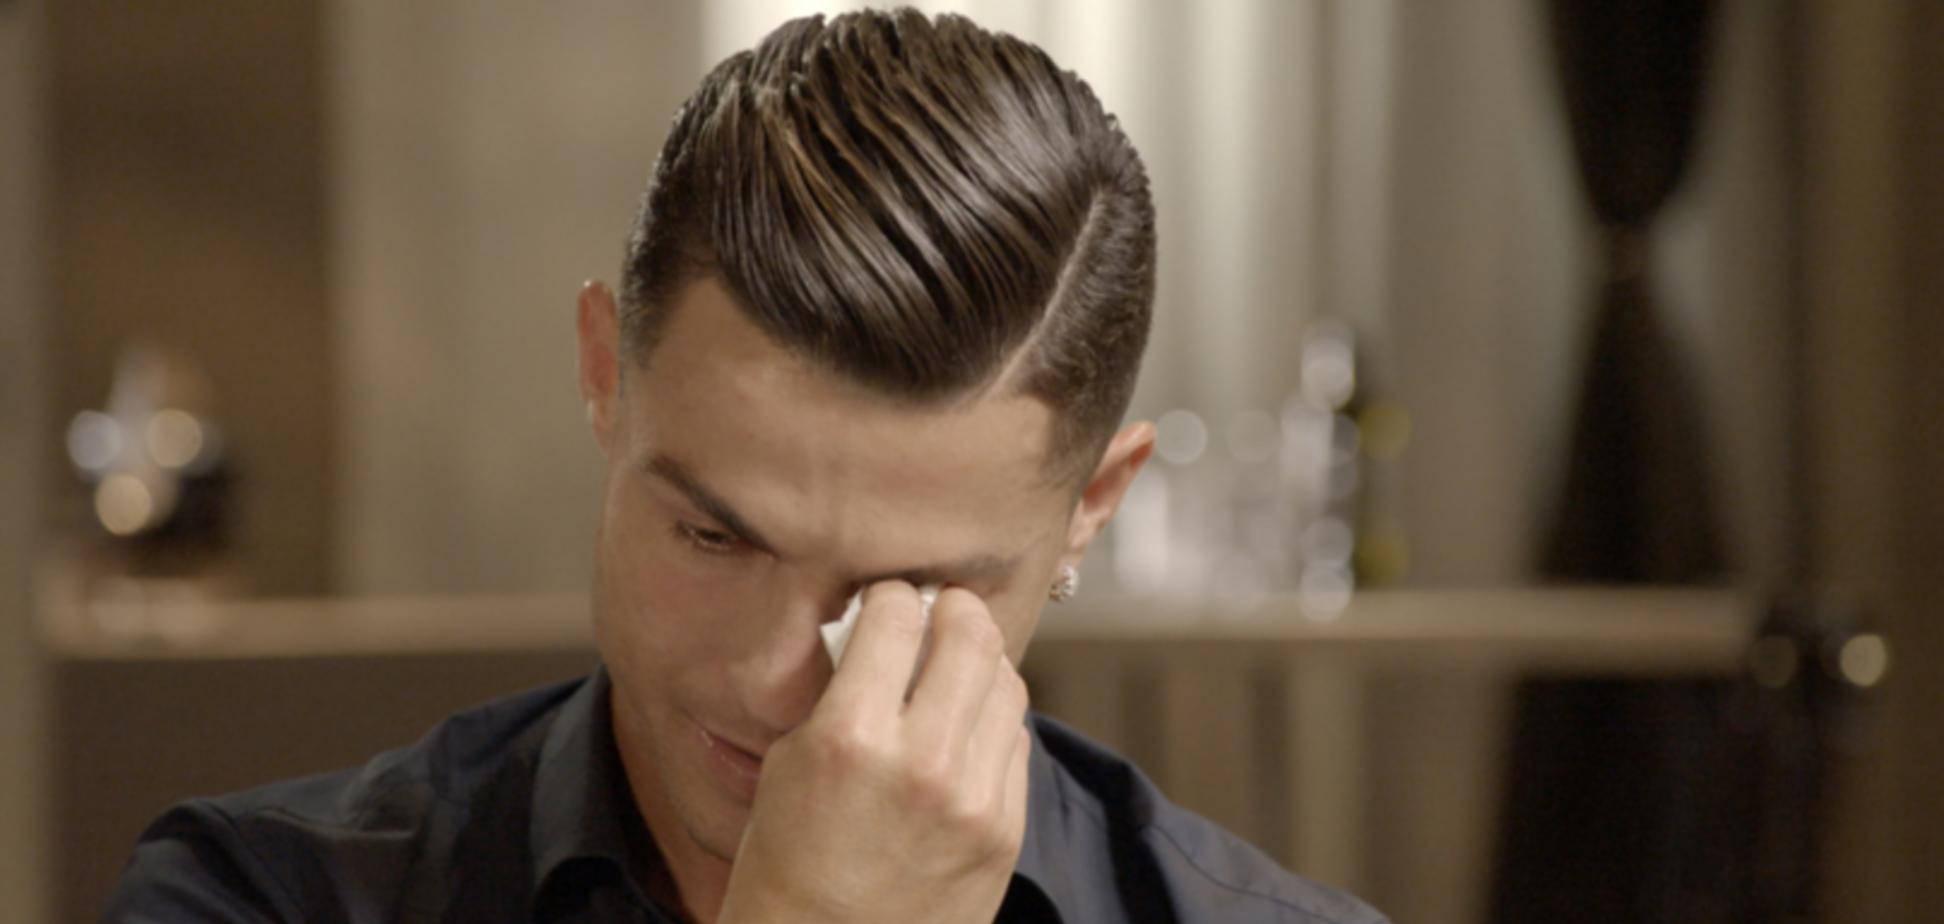 'Алкоголик': Роналду разрыдался во время интервью — видеофакт